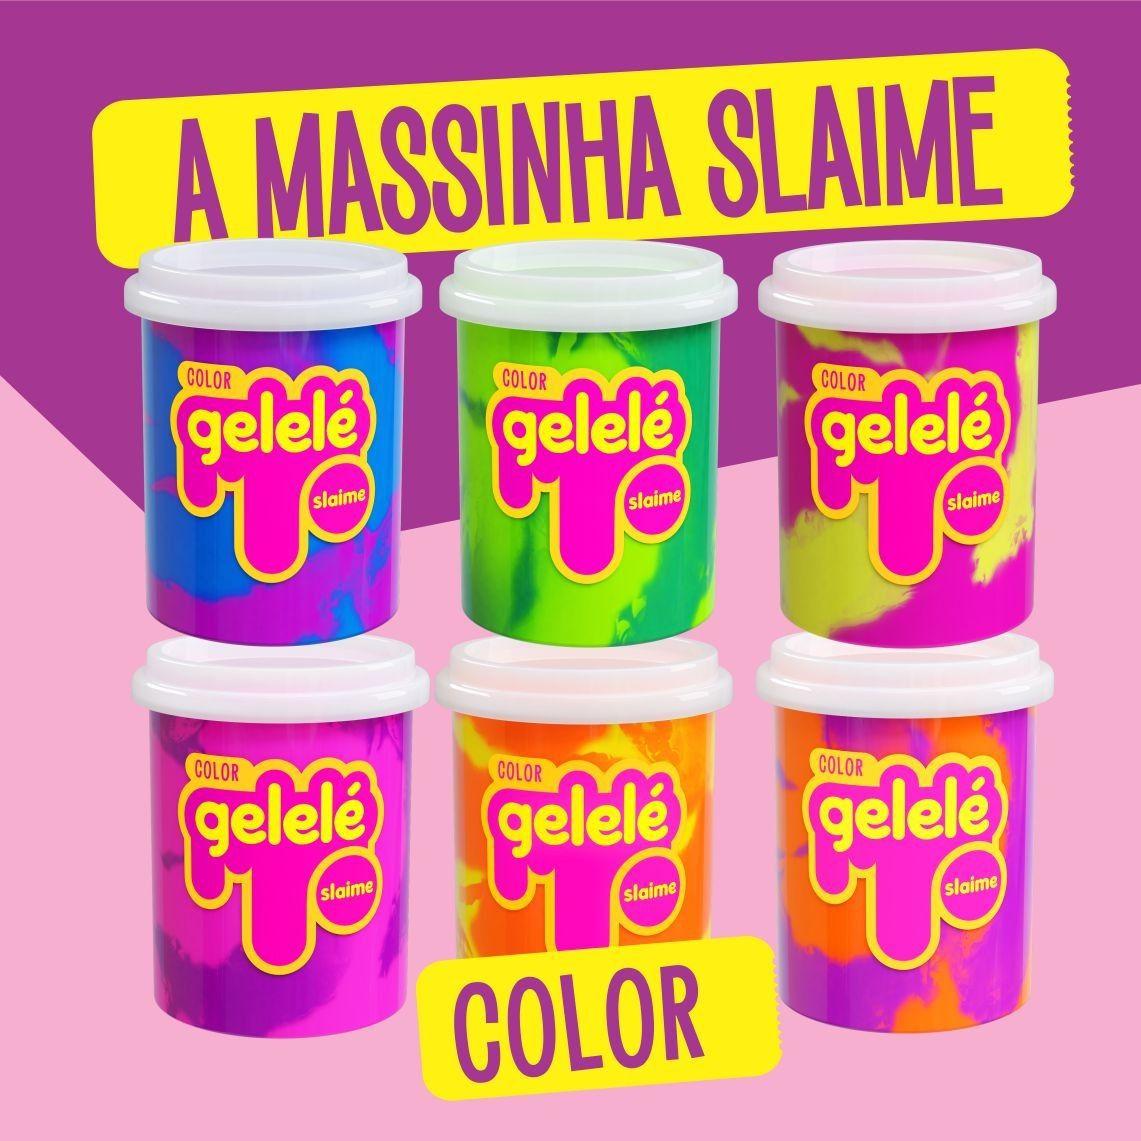 Gelelé Slime Massinha Meleca Duo color 152 g